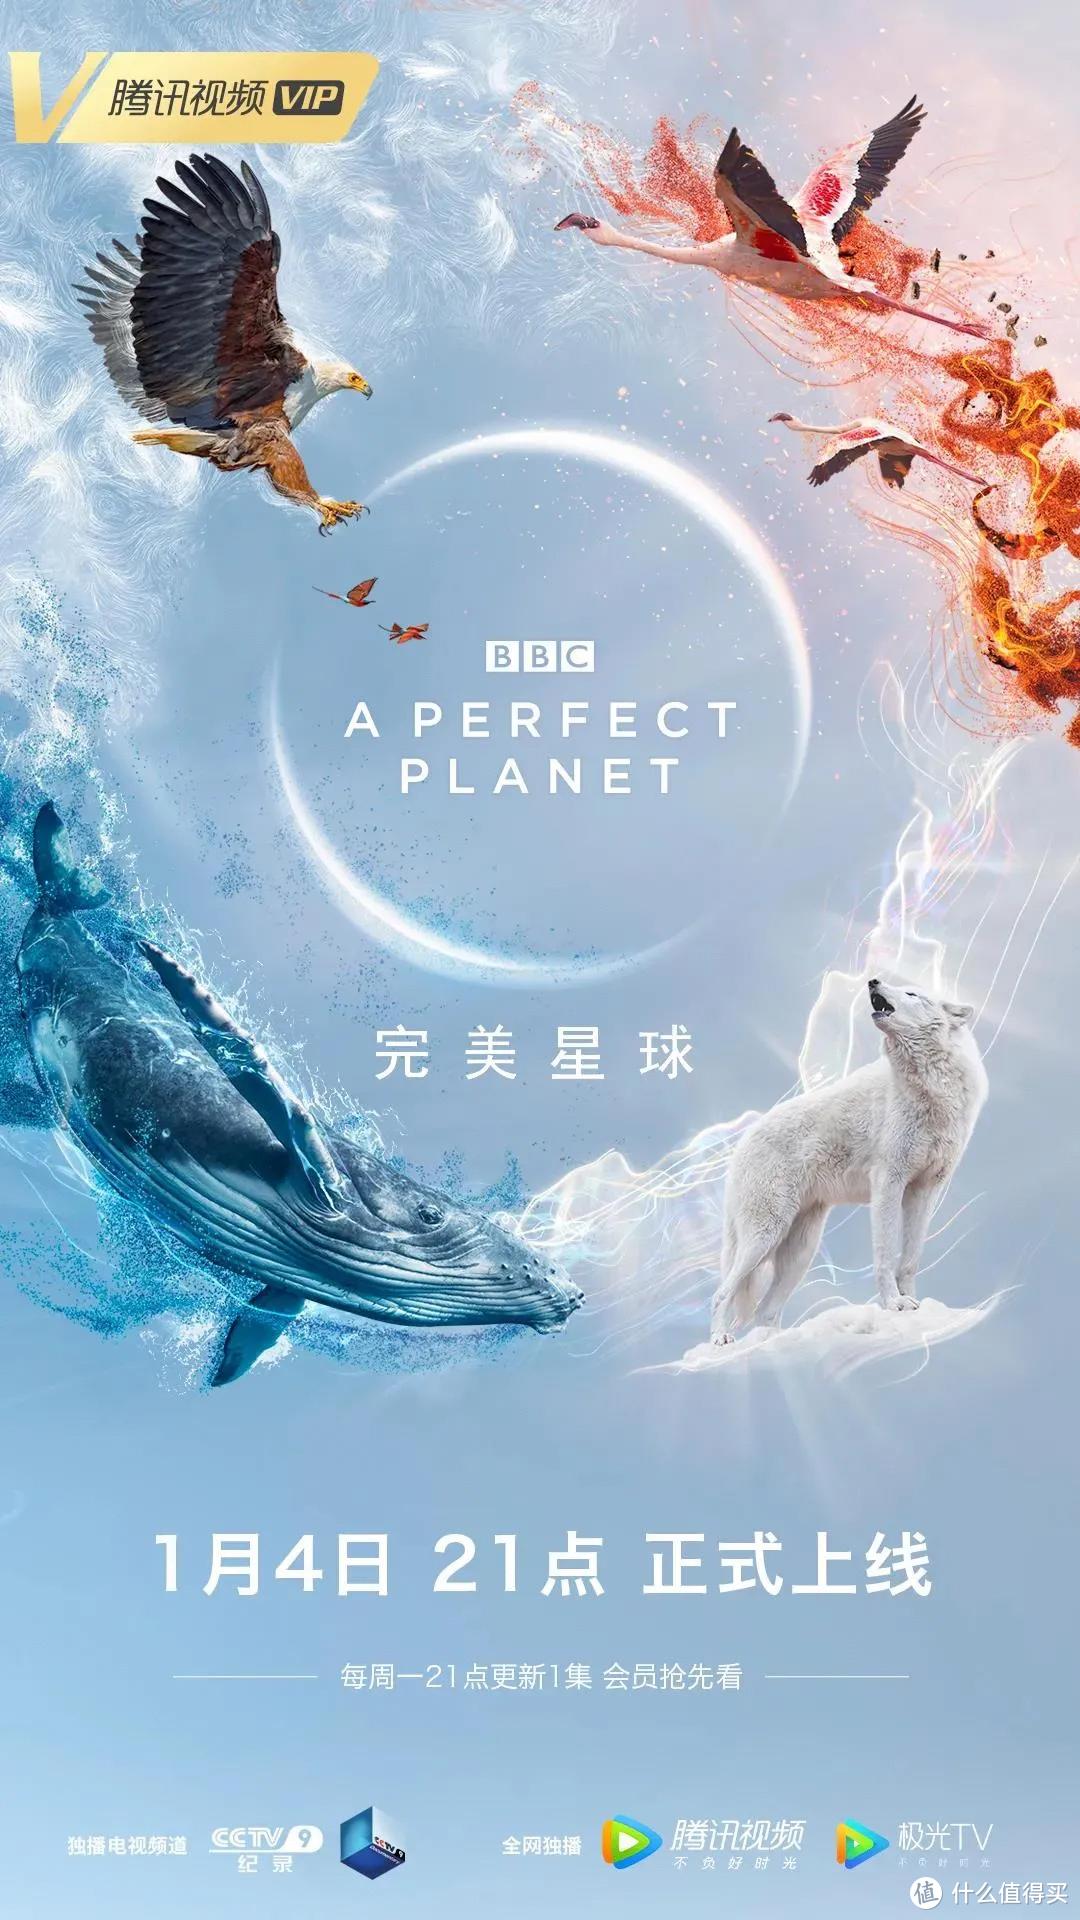 看完《完美地球》,BBC除了纪录片还有一样好看的图书